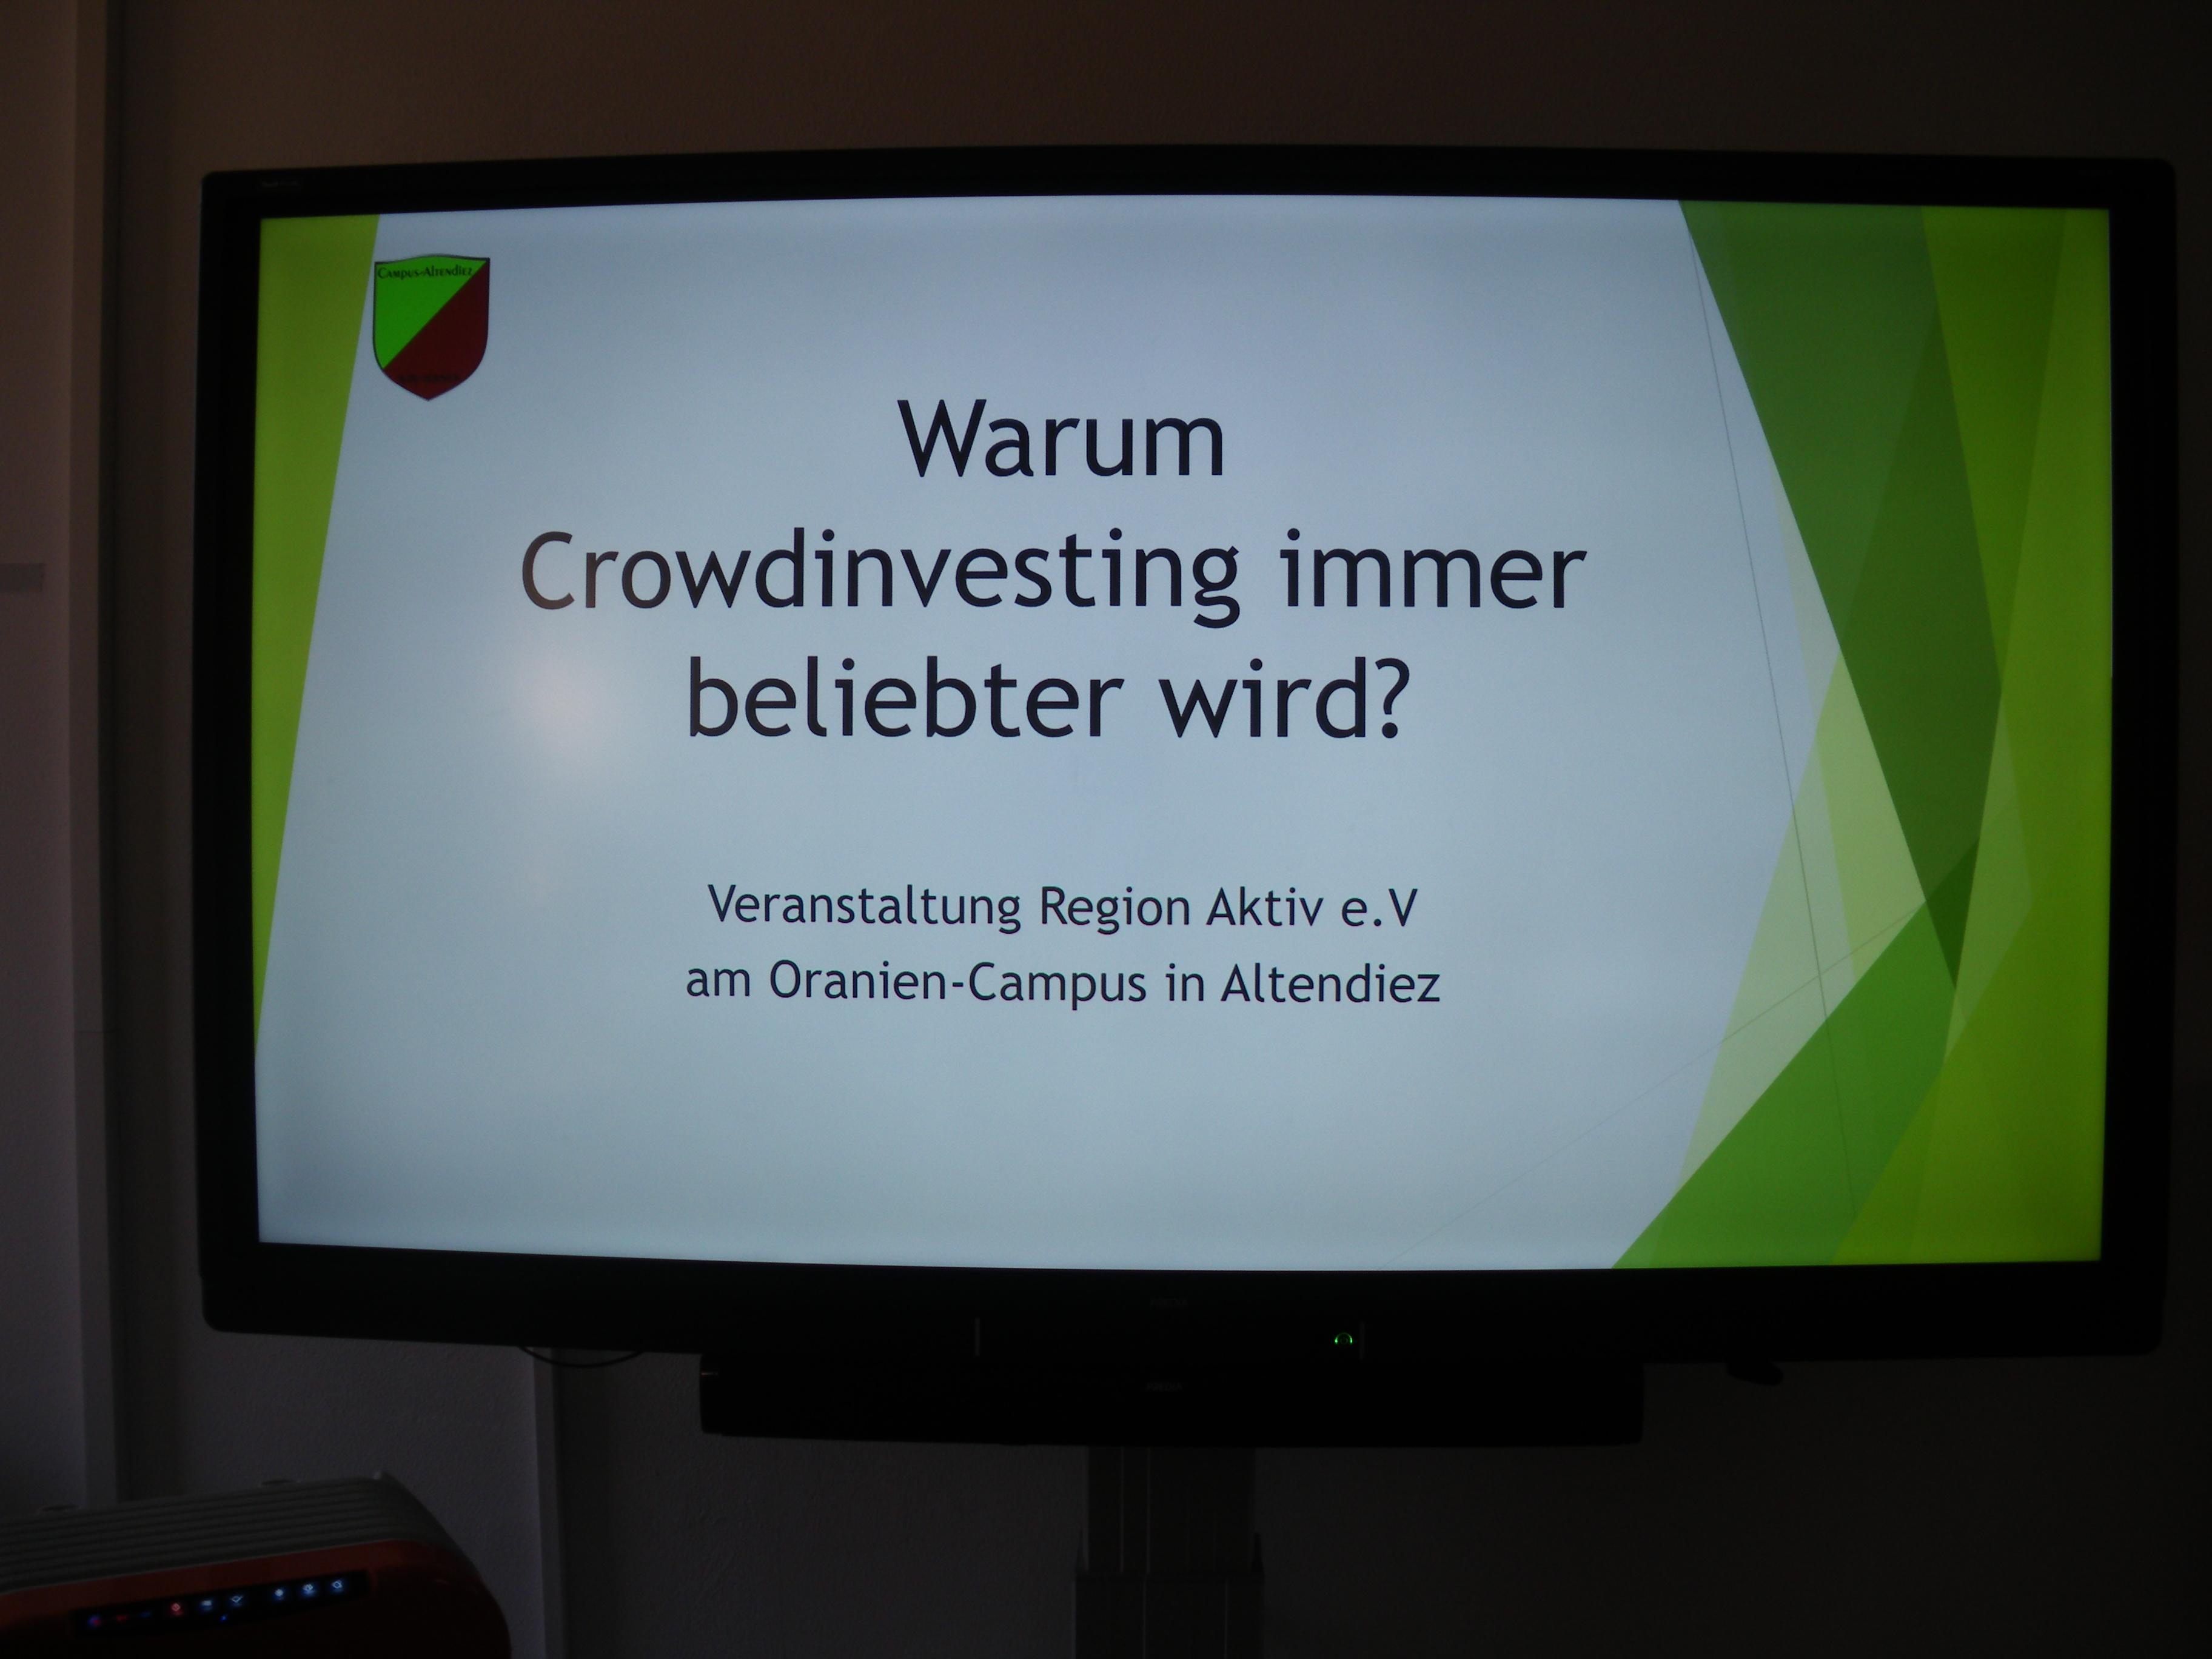 16.10.2018 crowdinvesting im Oranien Campus